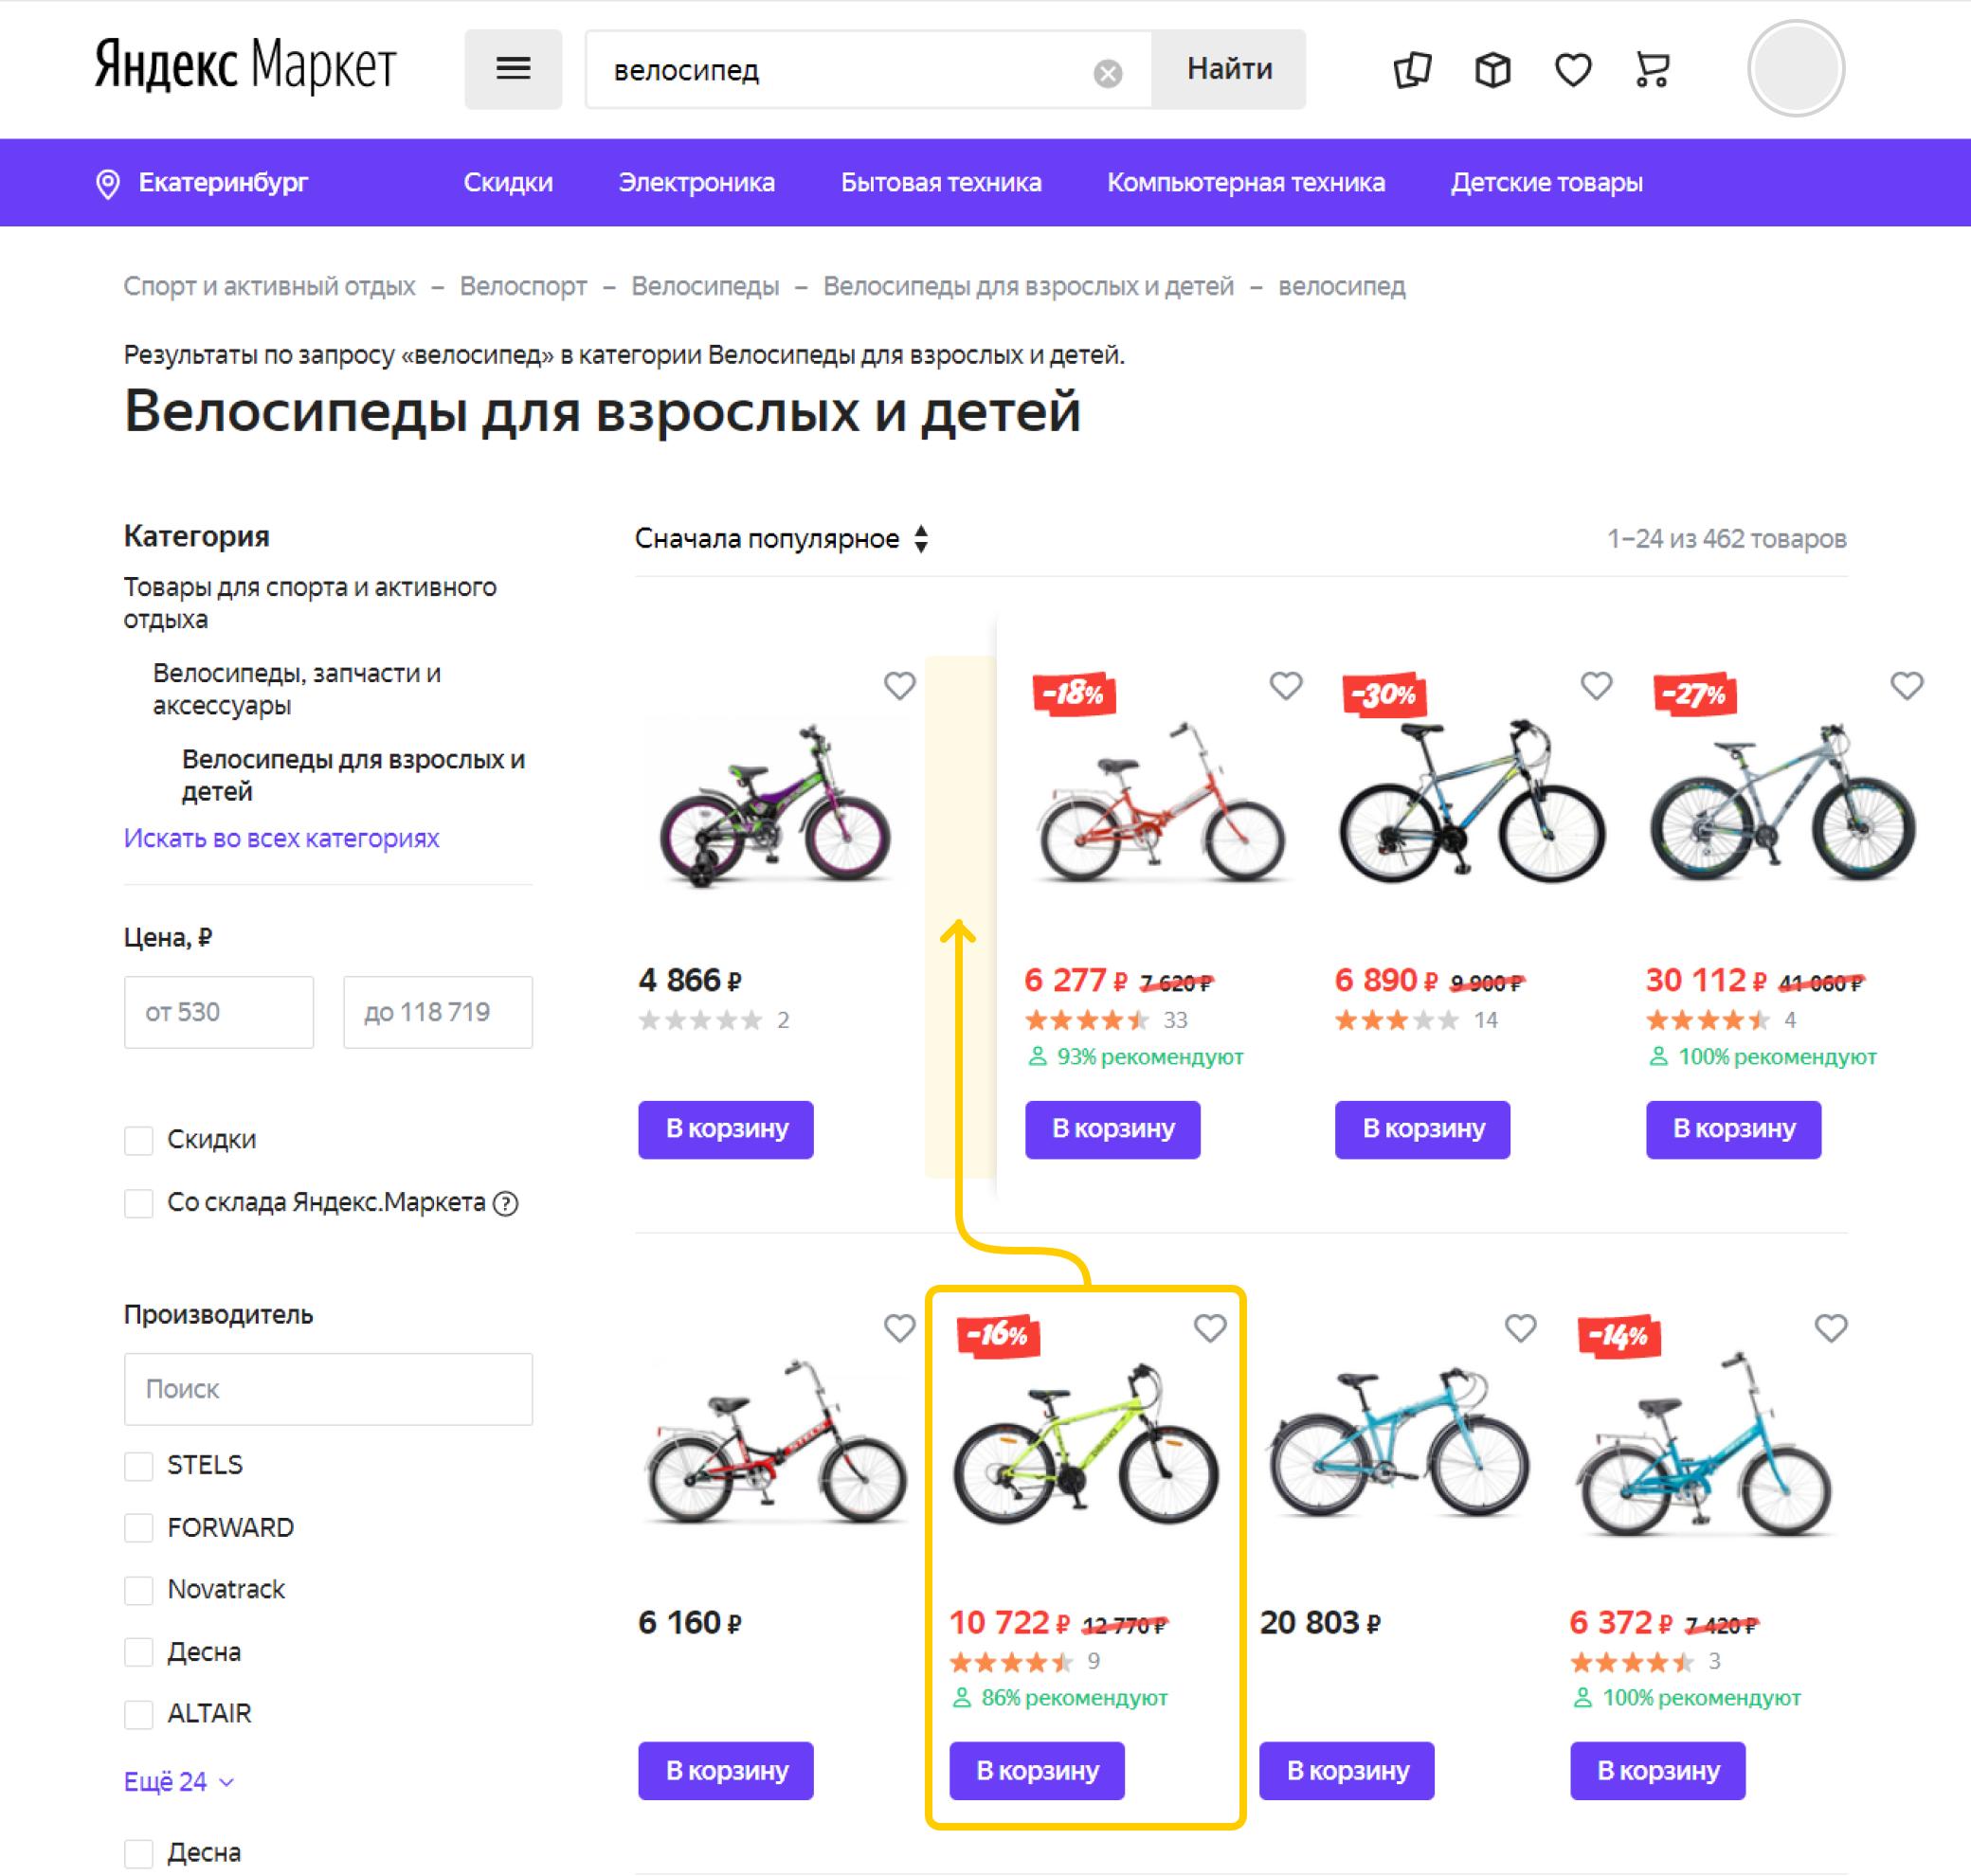 «Яндекс.Маркет» анонсировал рекламные стратегии для продвижения товаров